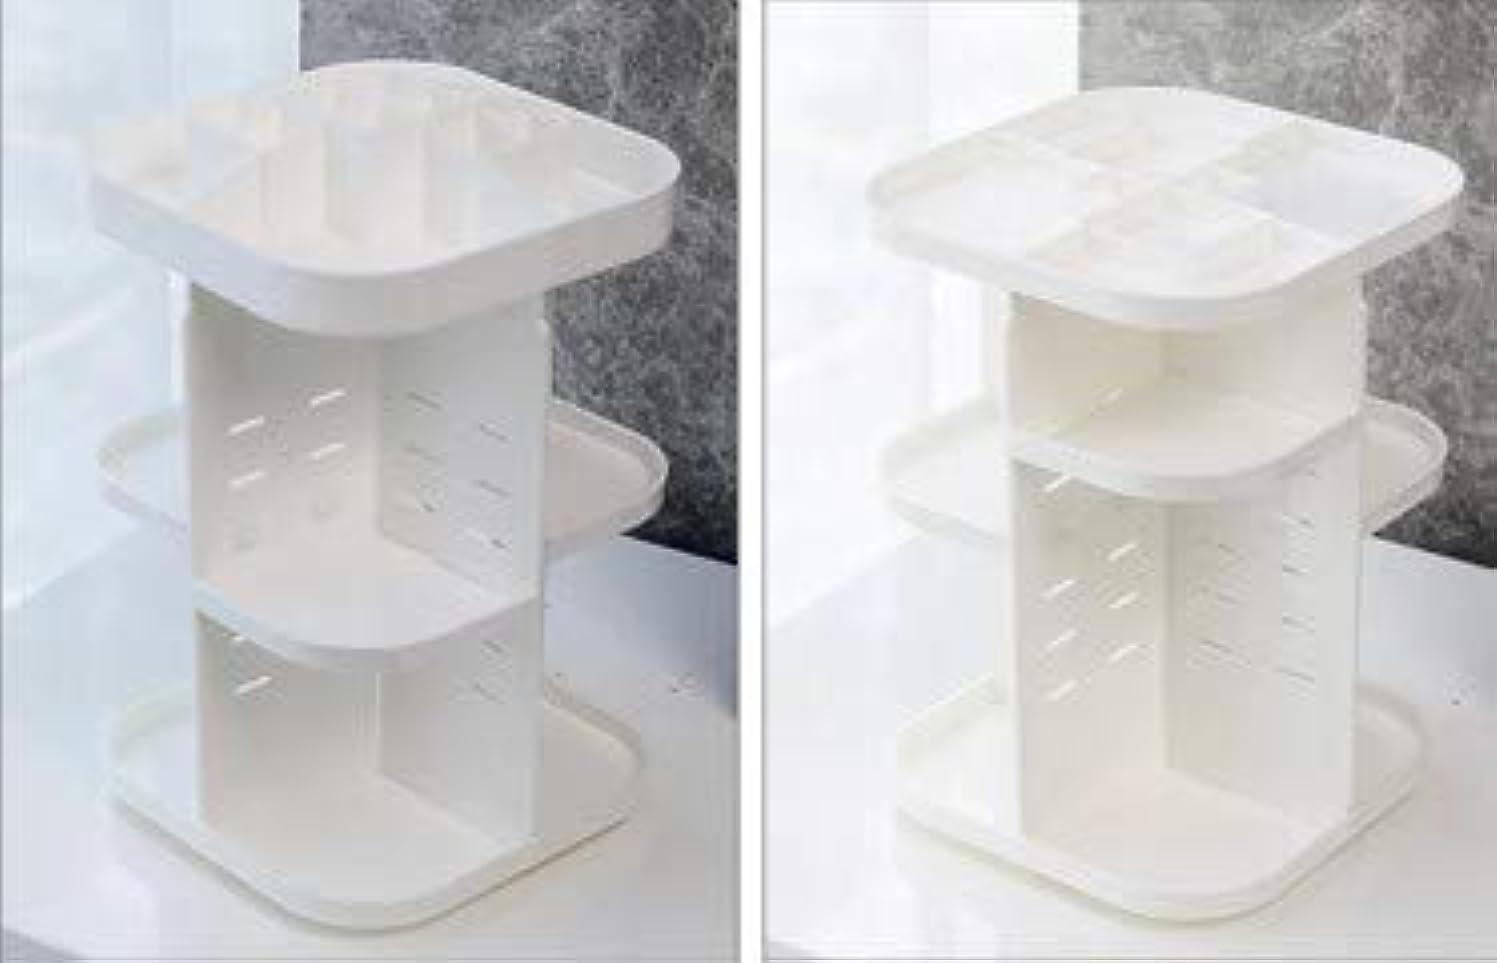 望み認知壊れた化粧品収納ボックス透明アクリル回転プラスチックスキンケアラウンドクリエイティブドレッシングテーブルデスクトップ収納 (Size : M)